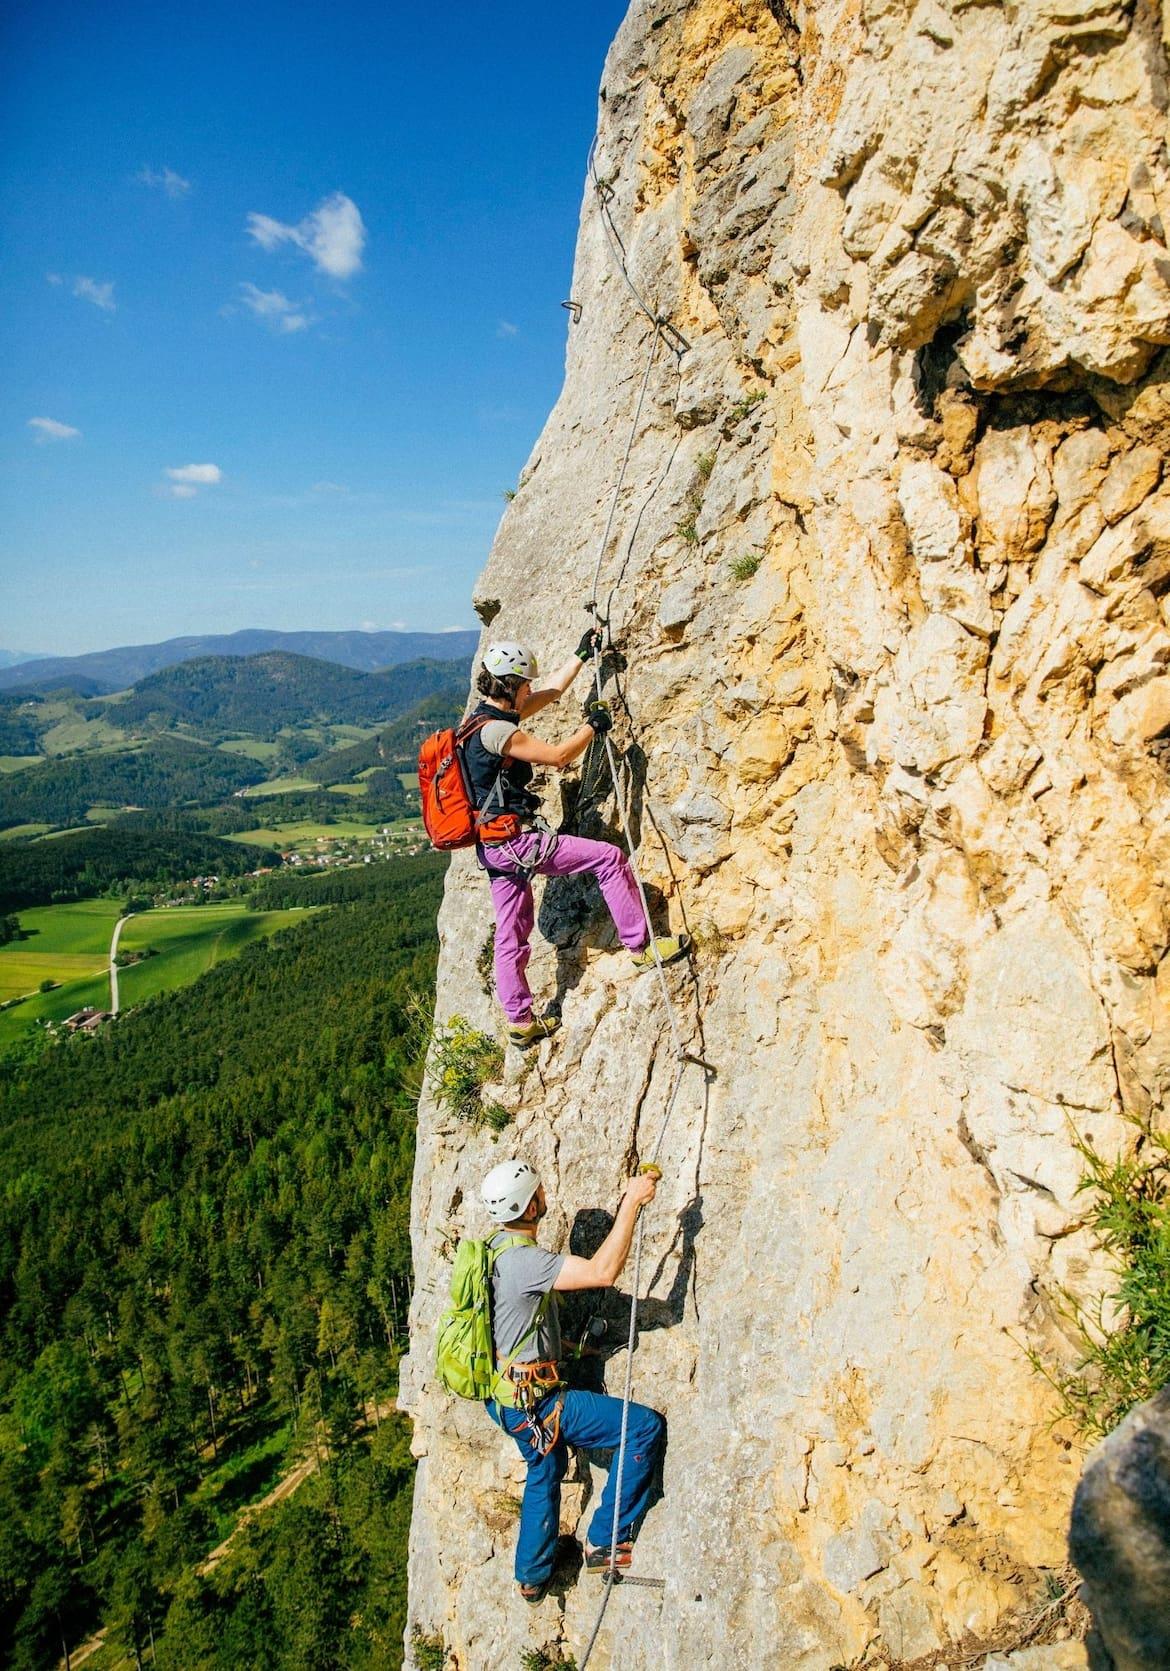 Steile Passagen und eine fantastische Aussicht